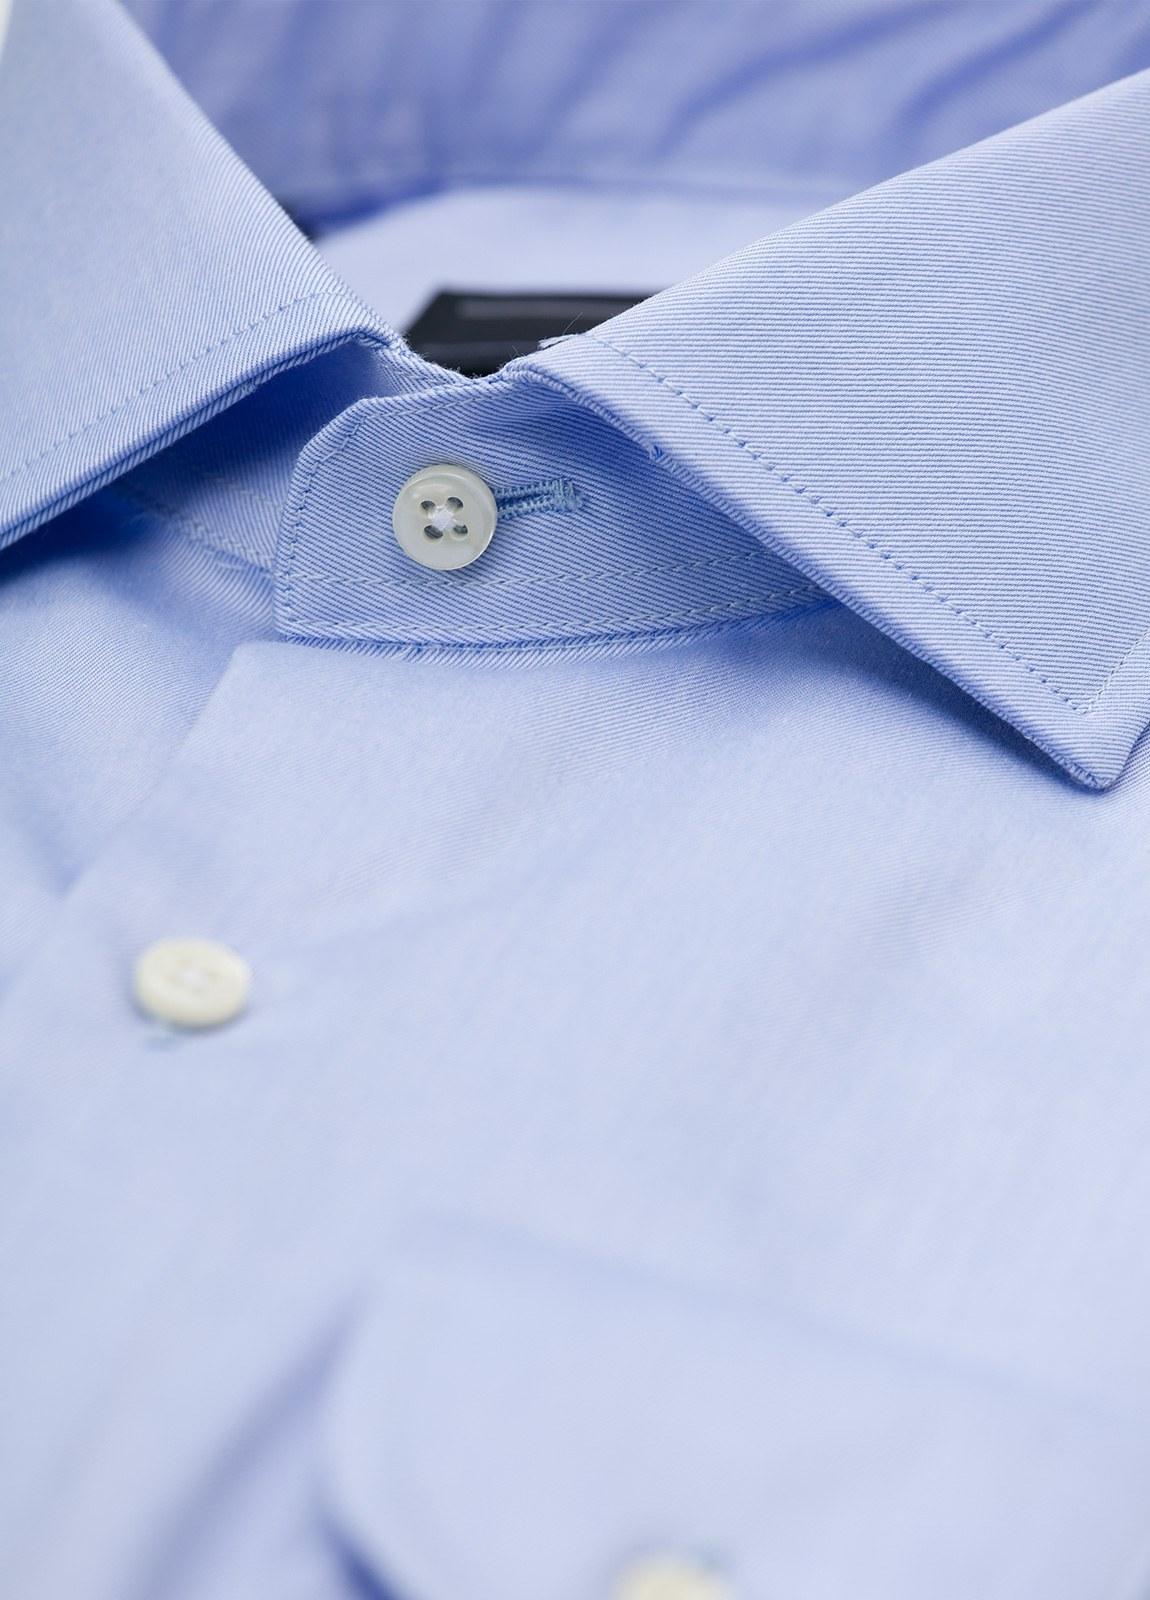 Camisa Formal Wear REGULAR FIT cuello italiano modelo TAILORED NAPOLI, diseño liso color azul celeste, 100% Algodón. - Ítem1